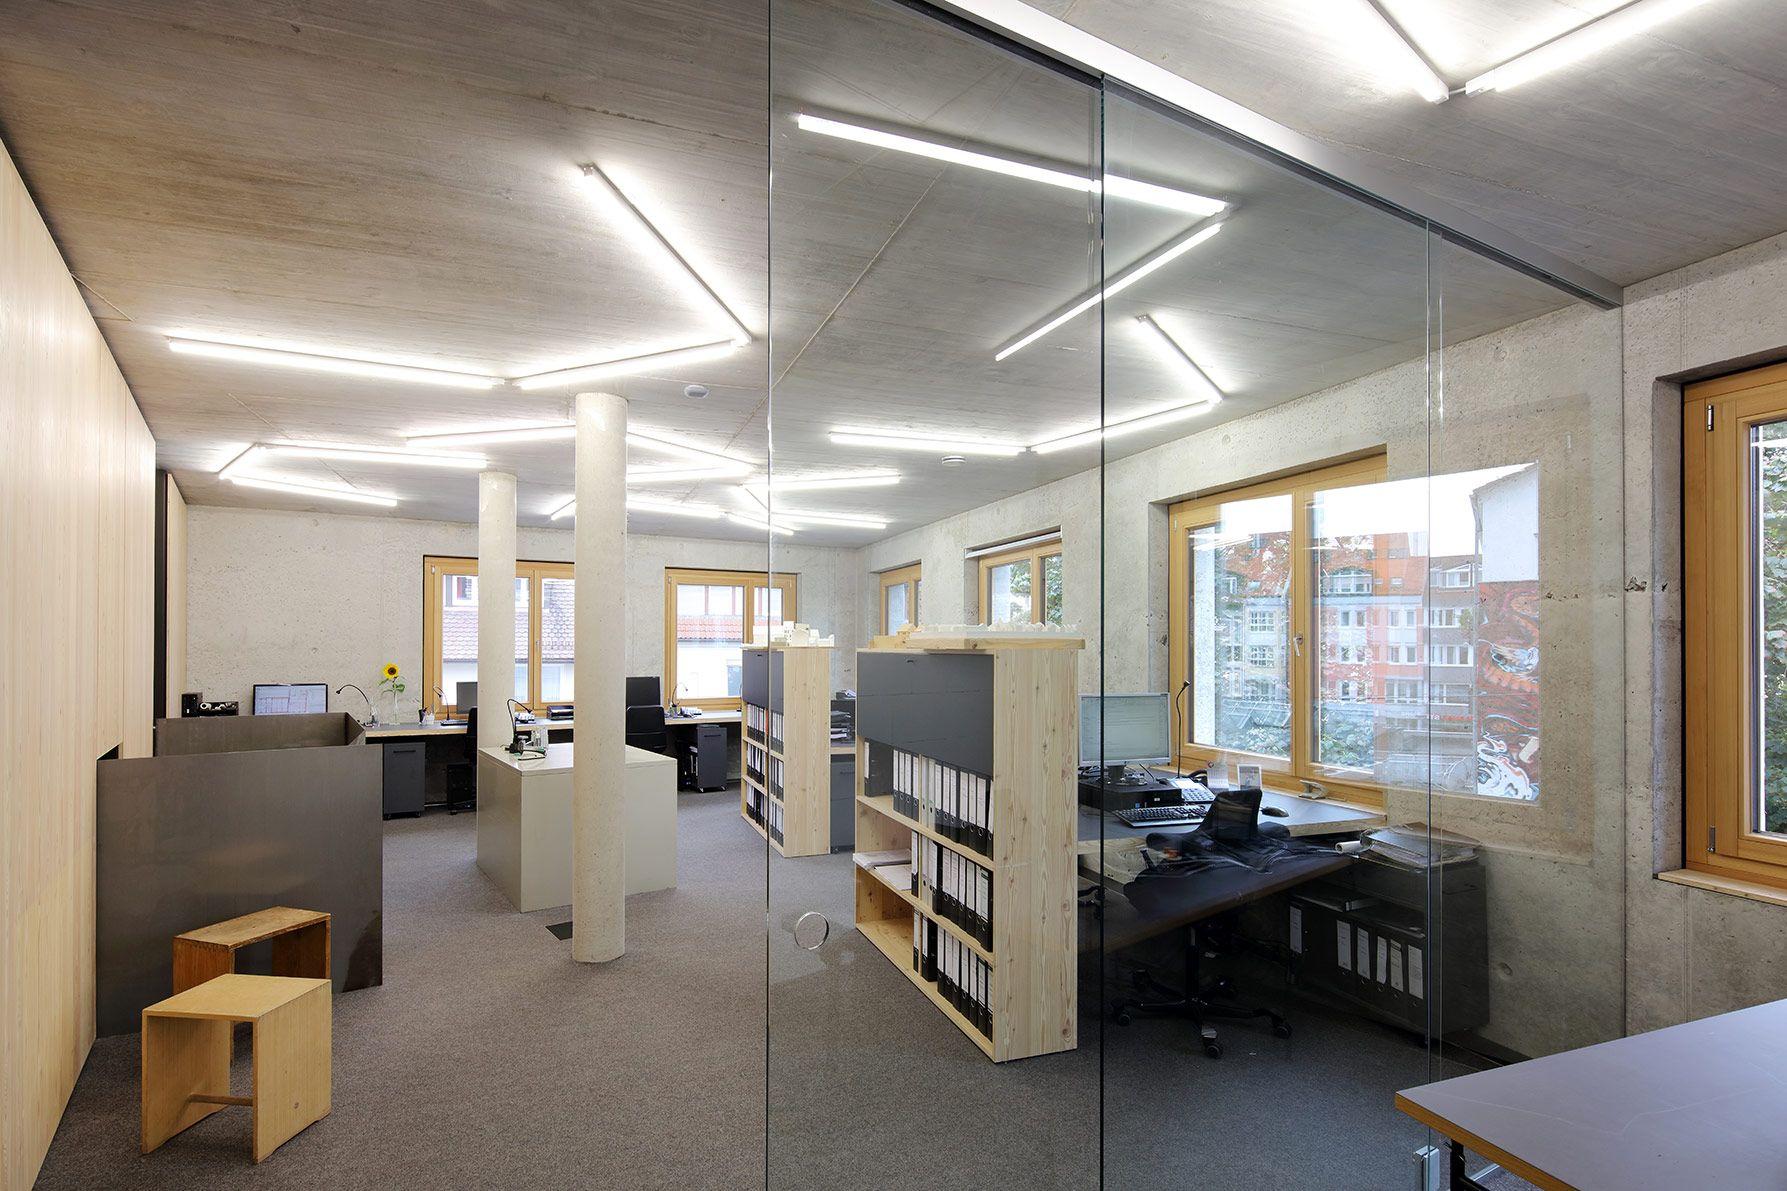 Hochste Energie Und Konstruktionsstandards Des K5 In Ulm Um Auf Die Zukunftigen Anforderungen Der Burobeleuchtung Burobeleuchtung Beleuchtung Lichtleiste